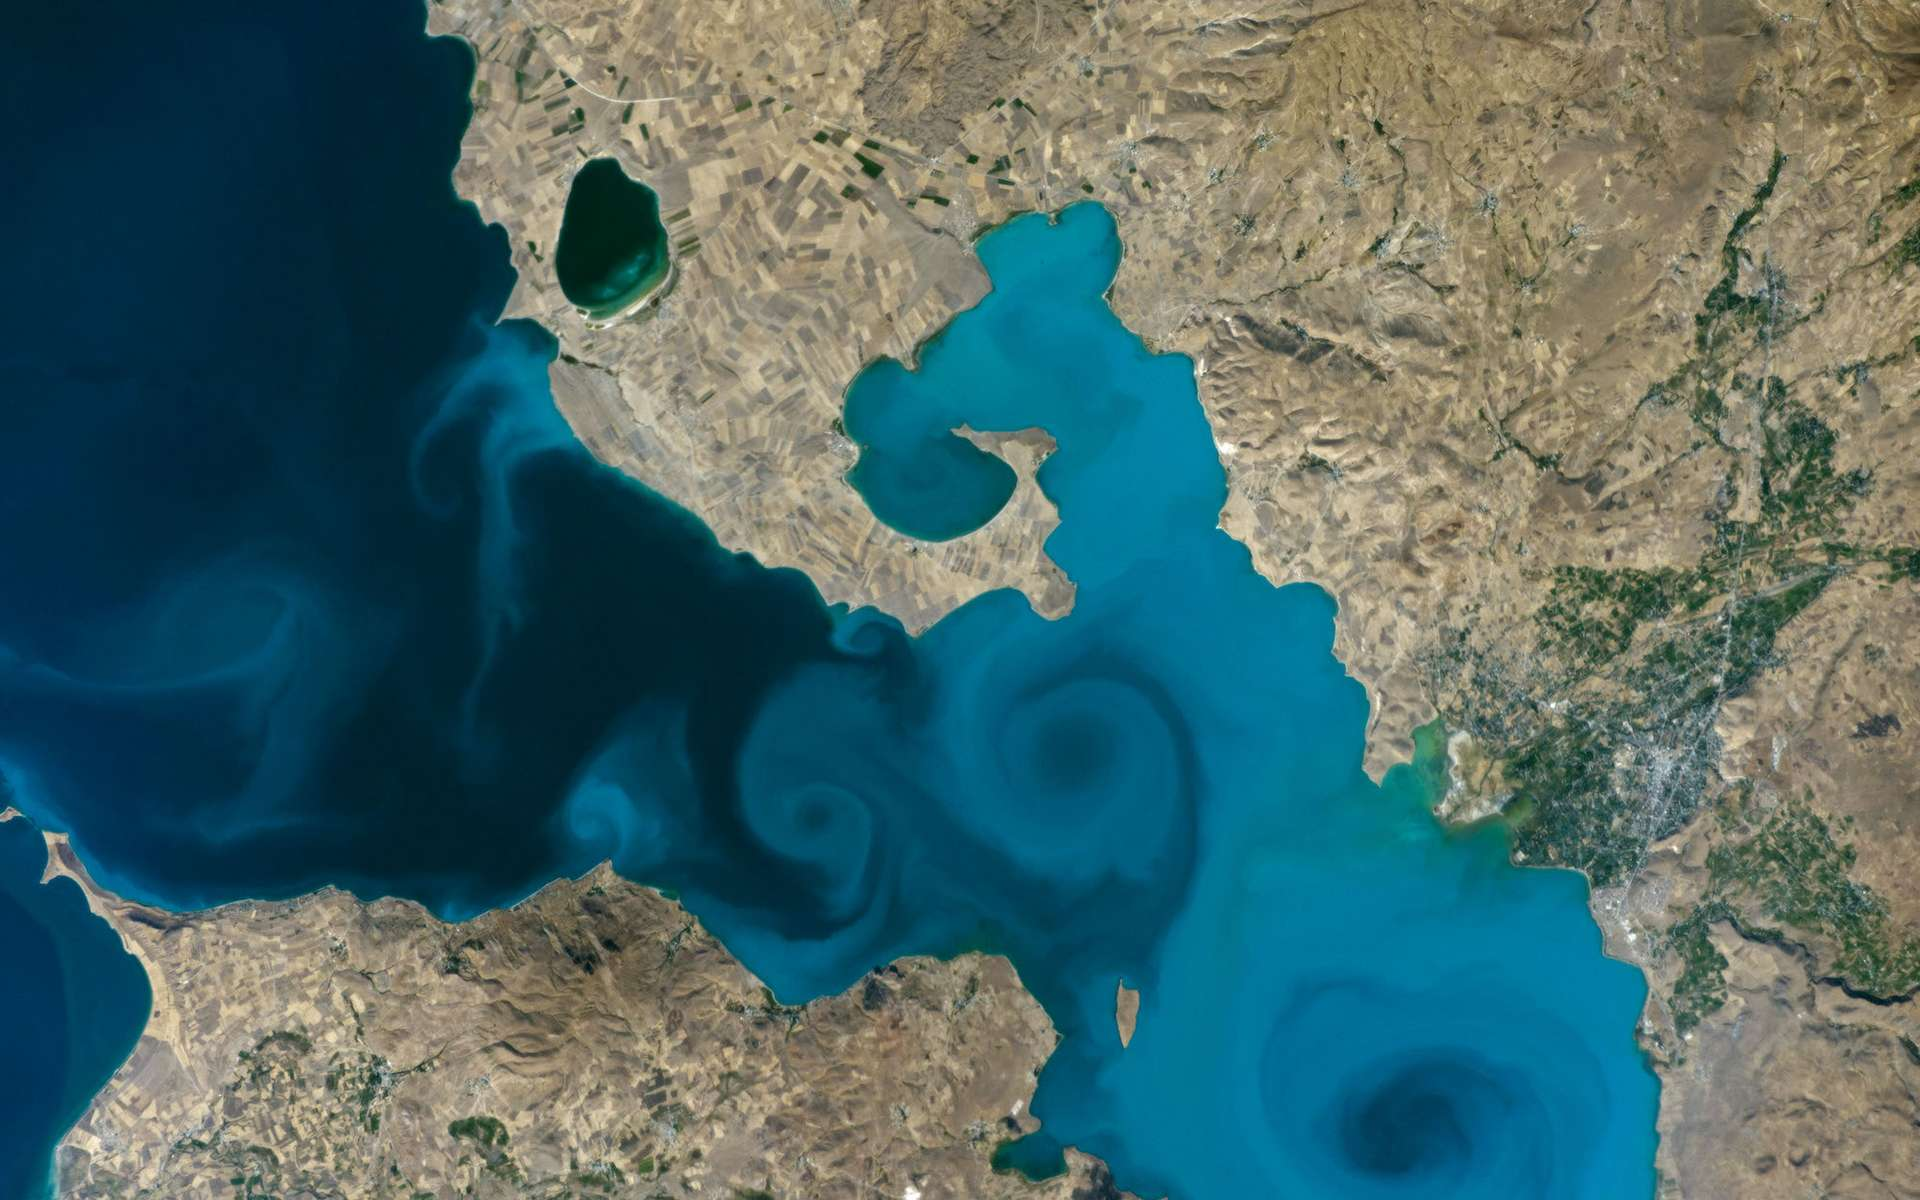 Lacs disparus, glaciers réduits, villes gigantesques... Sur 37 ans, Google Earth permet d'observer l'impact de l'homme et du réchauffement climatique sur la planète © Nasa Earth Observatory